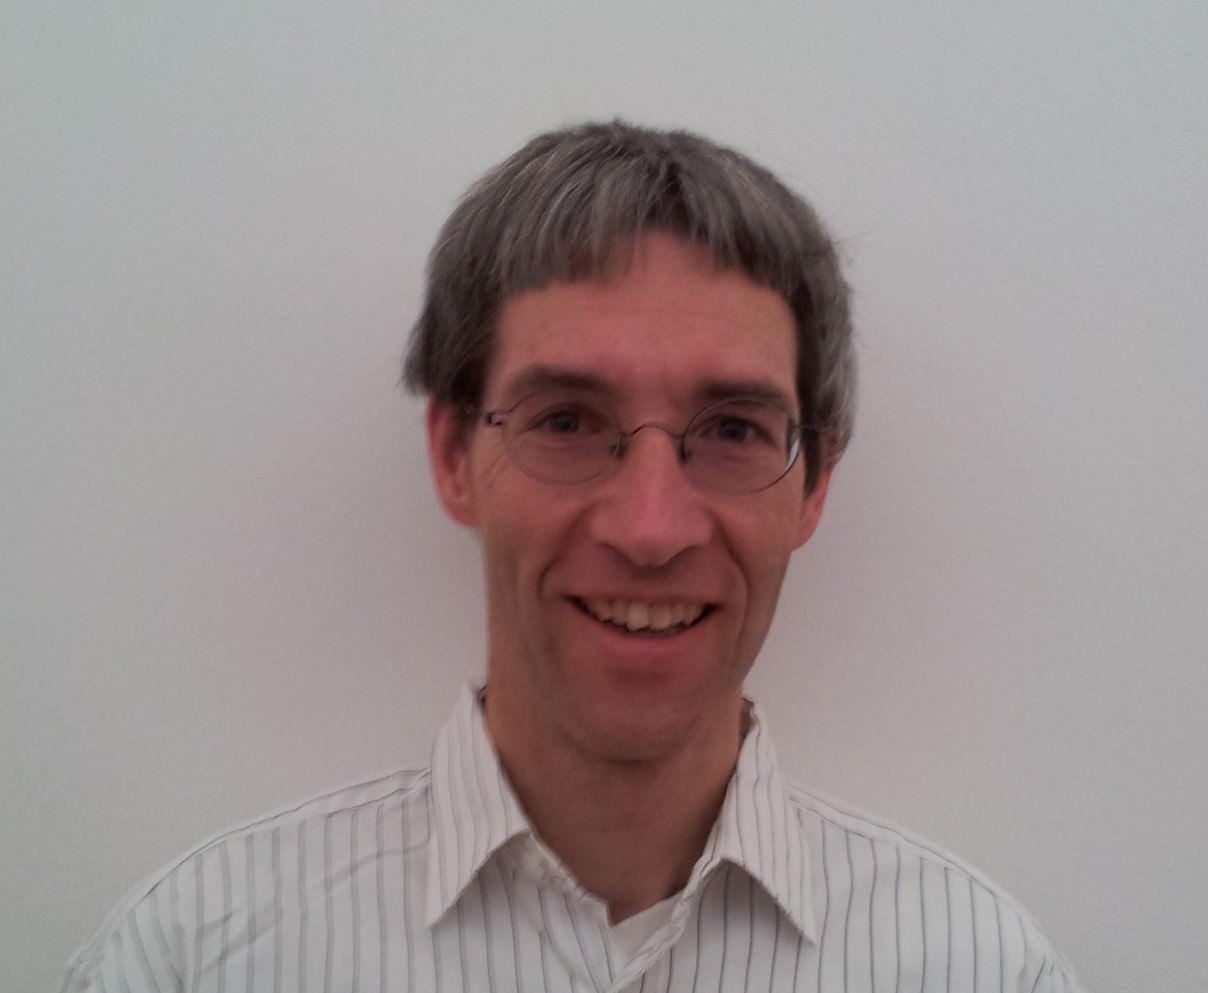 Diplom-Ingenieur für Maschinenbau Alexander Jandrey (46) leitete das Projekt Solarthermie-Anlage für den Hamburger Energiebunker der Ritter XL Solar.